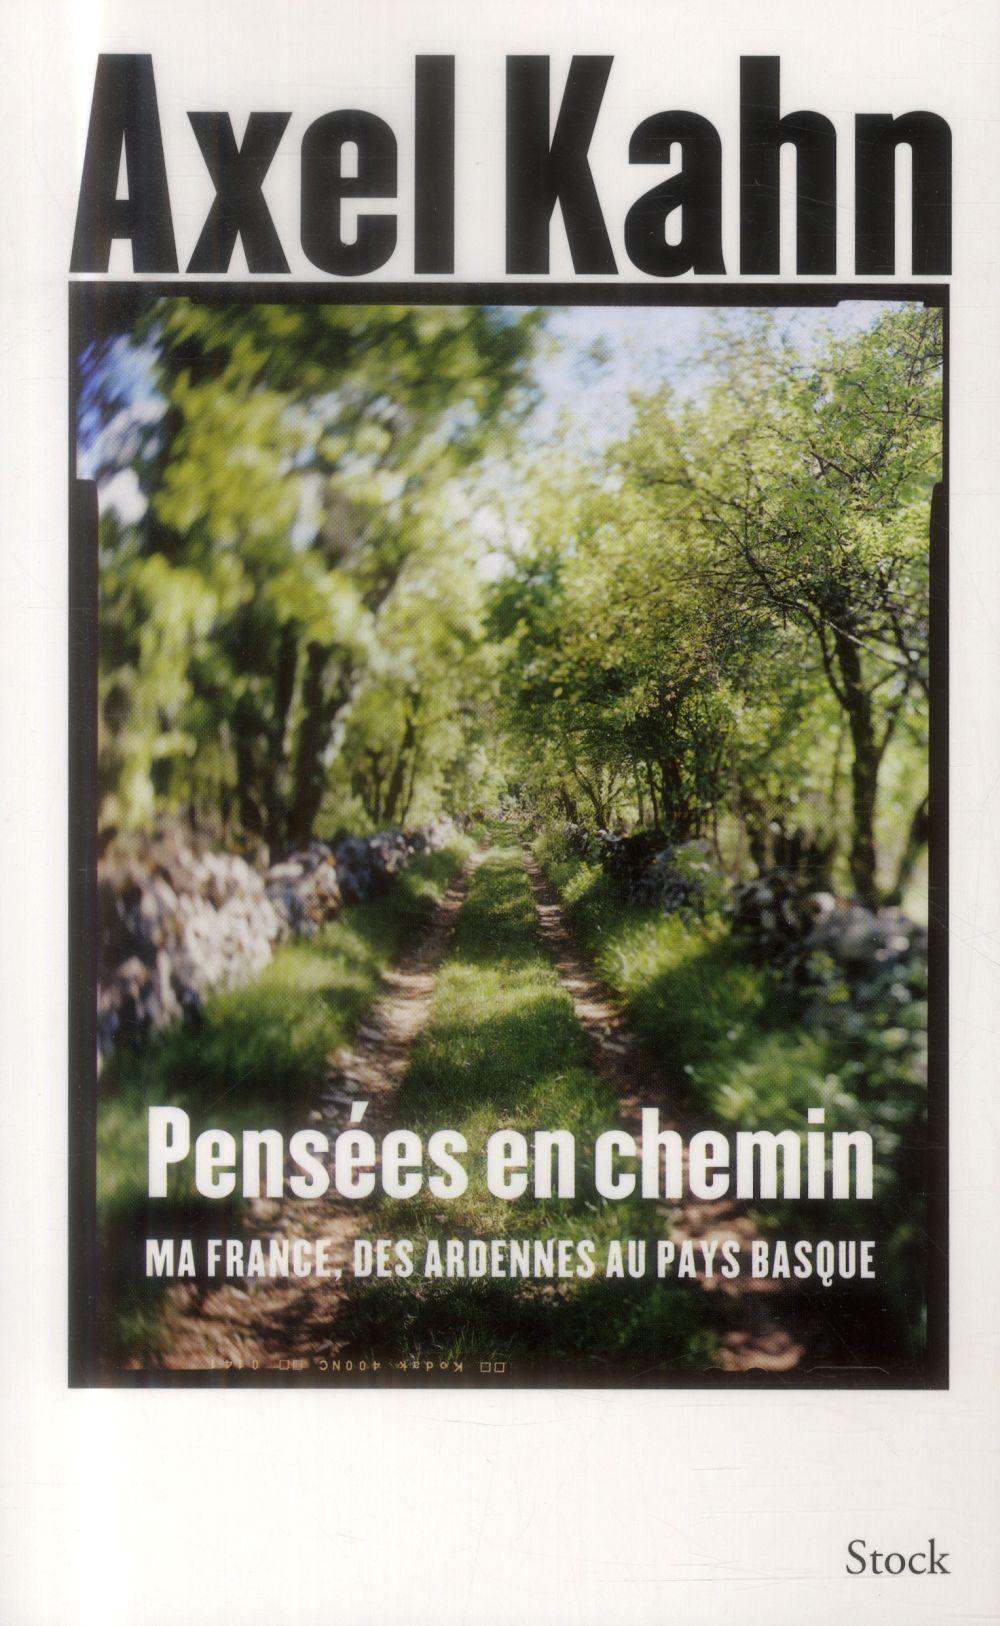 PENSEES EN CHEMIN - MA FRANCE DES ARDENNES AU PAYS BASQUE